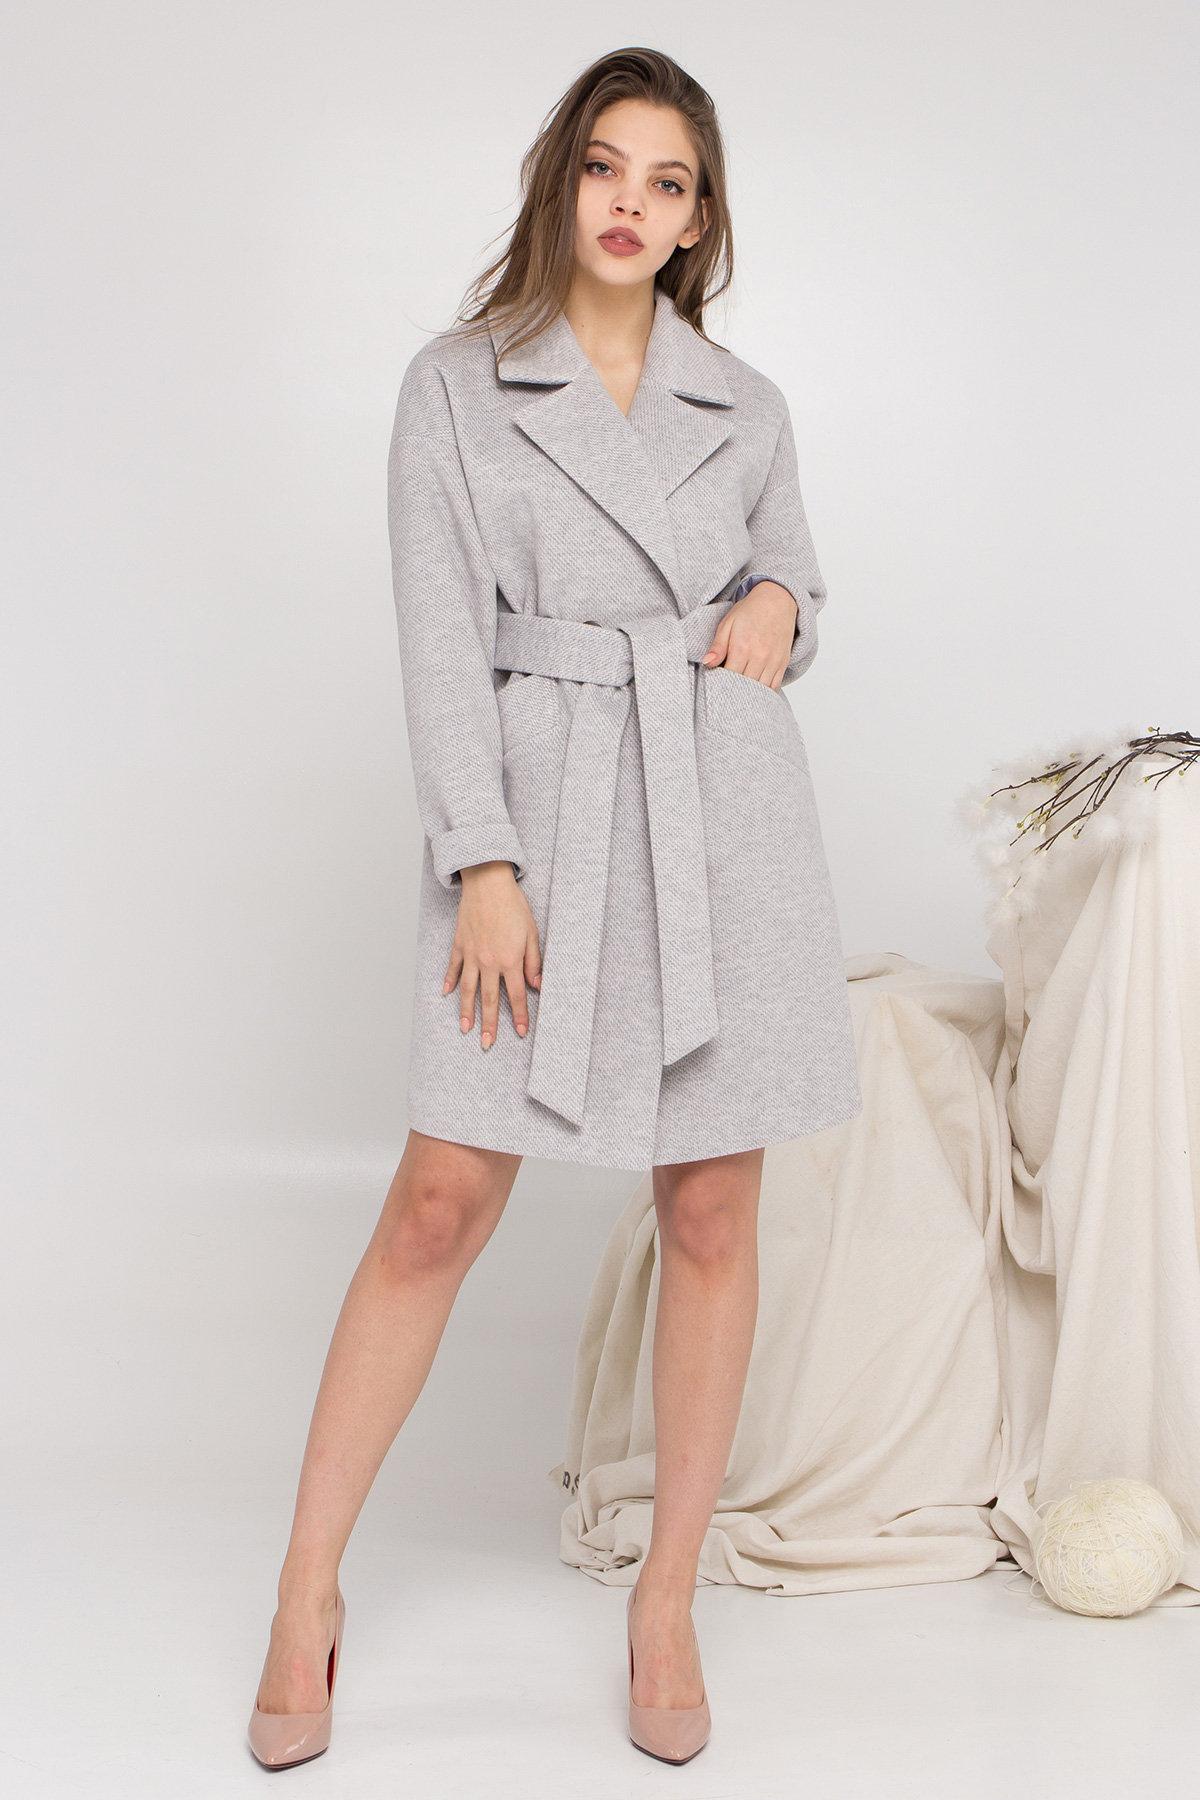 Пальто женское демисезонное купить в интернете Демисезонное двубортное пальто Сенсей 8845